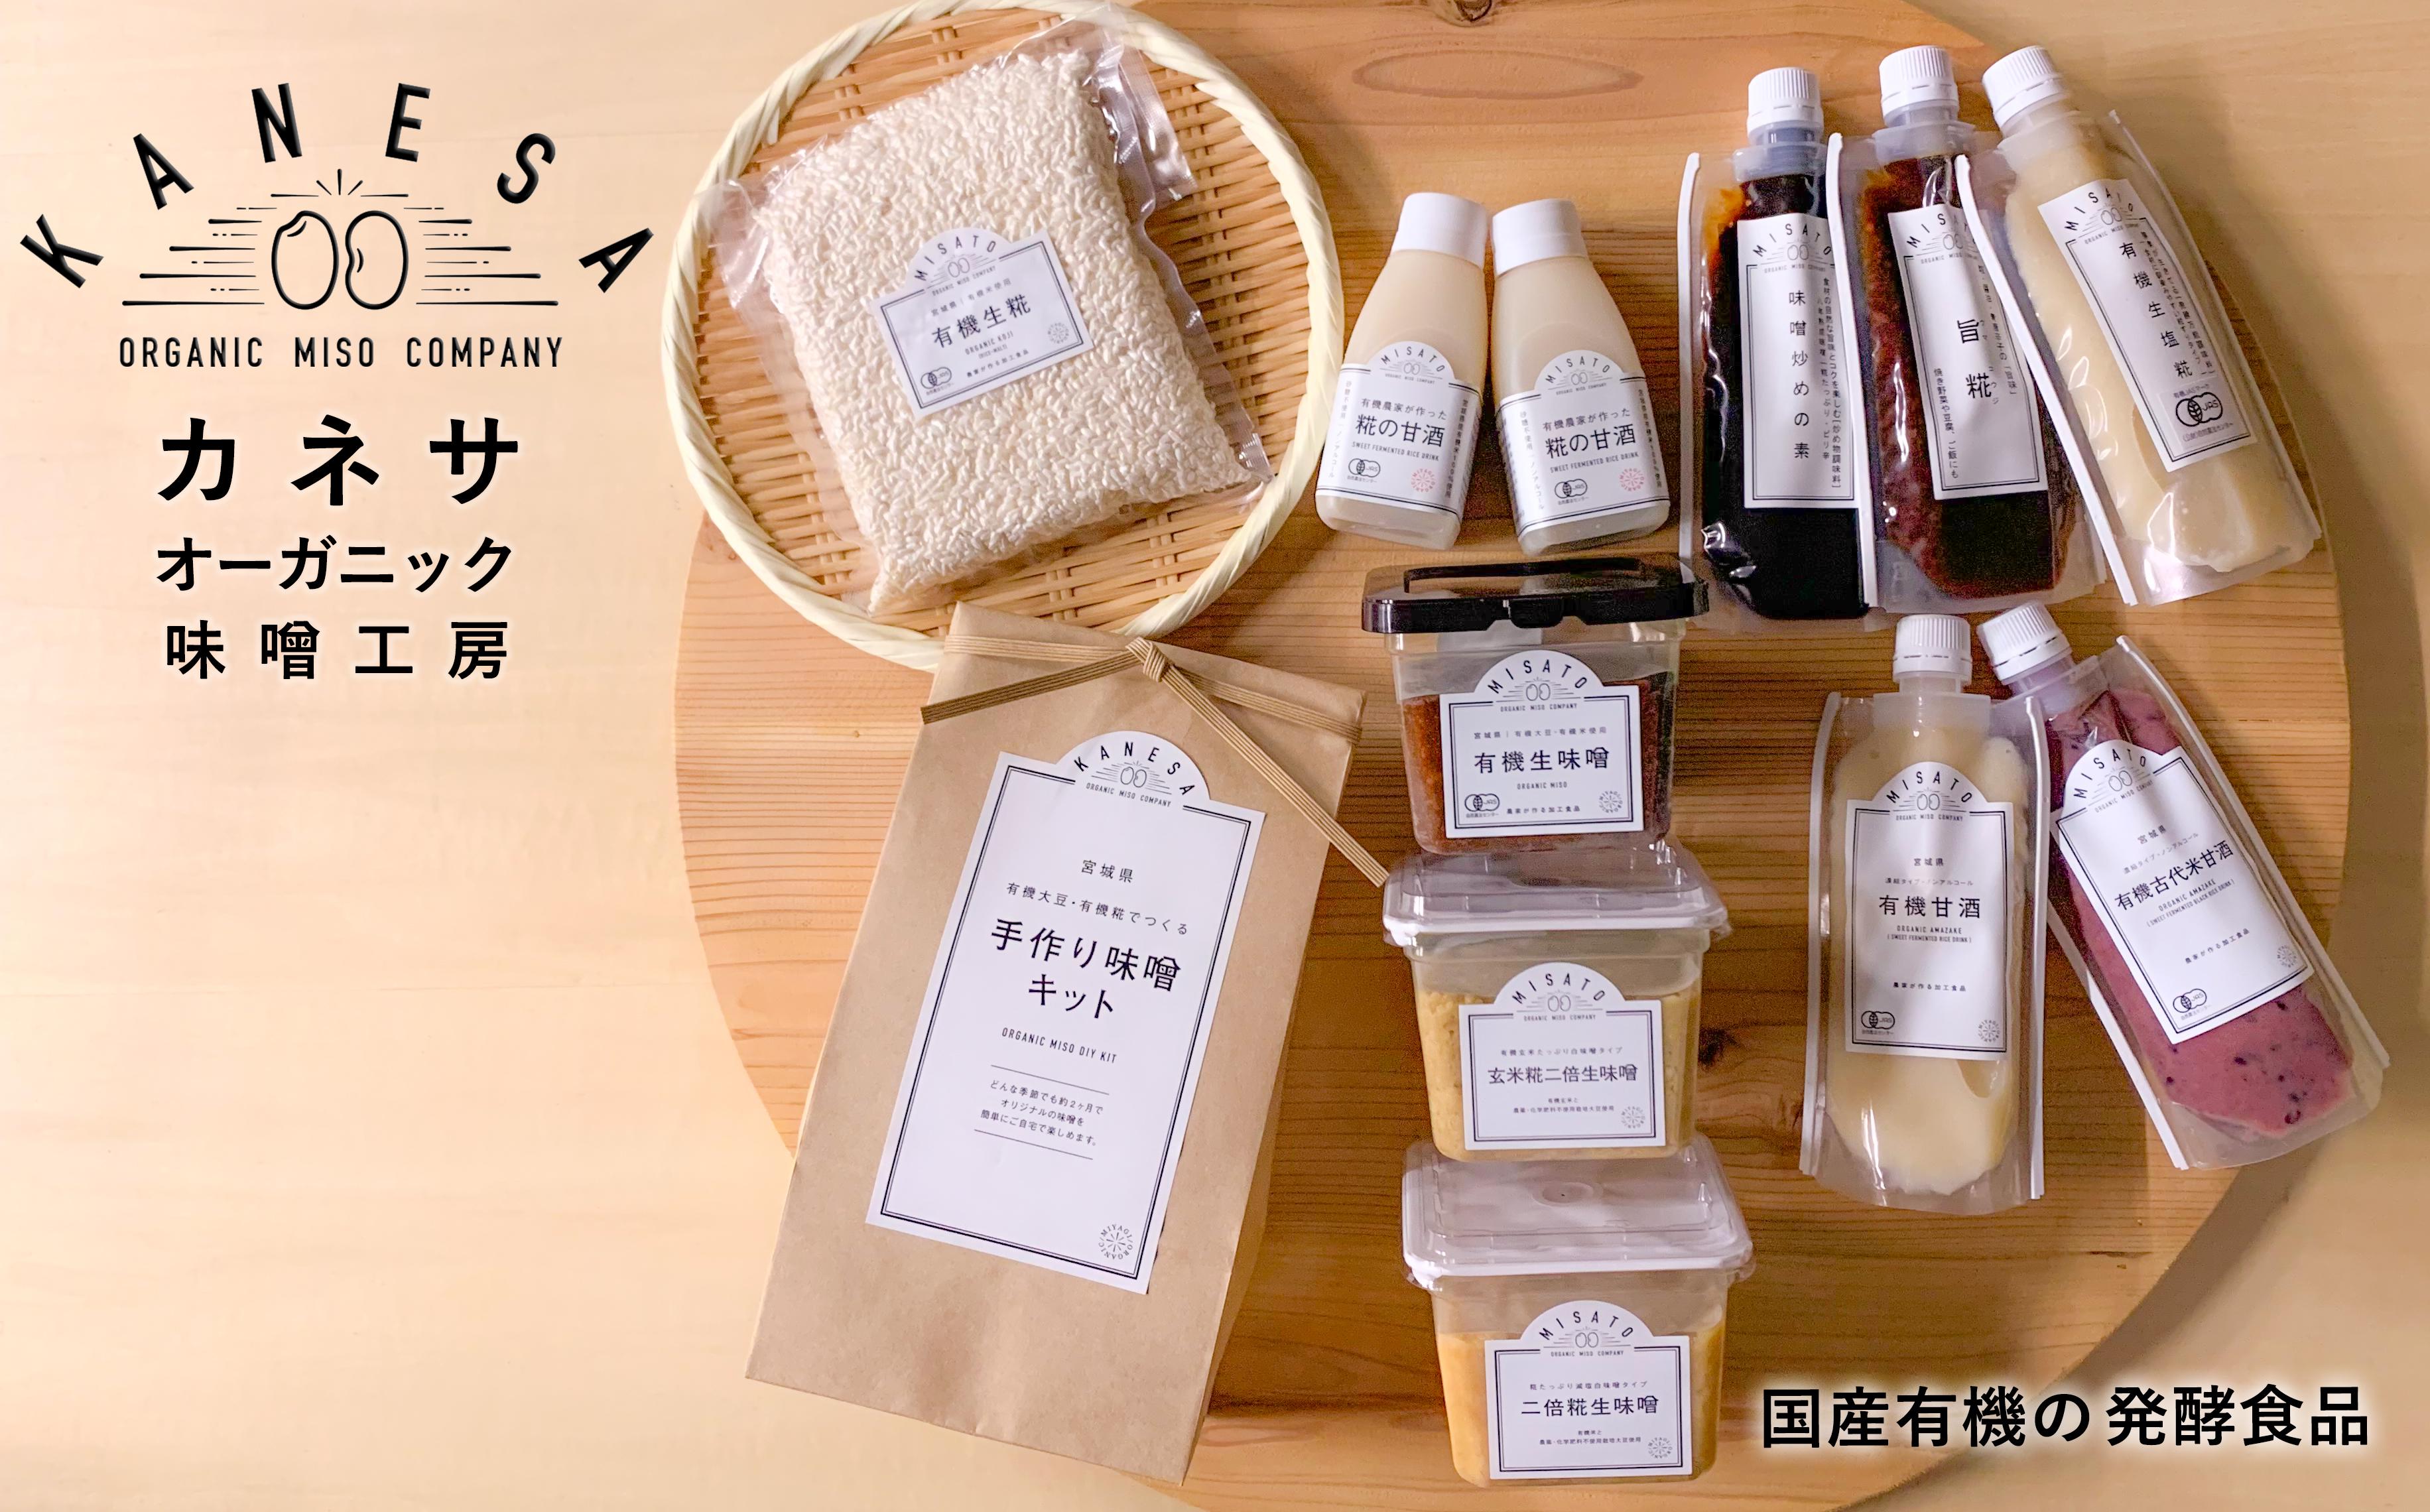 【国産有機】発酵食品専門 カネサオーガニック味噌工房